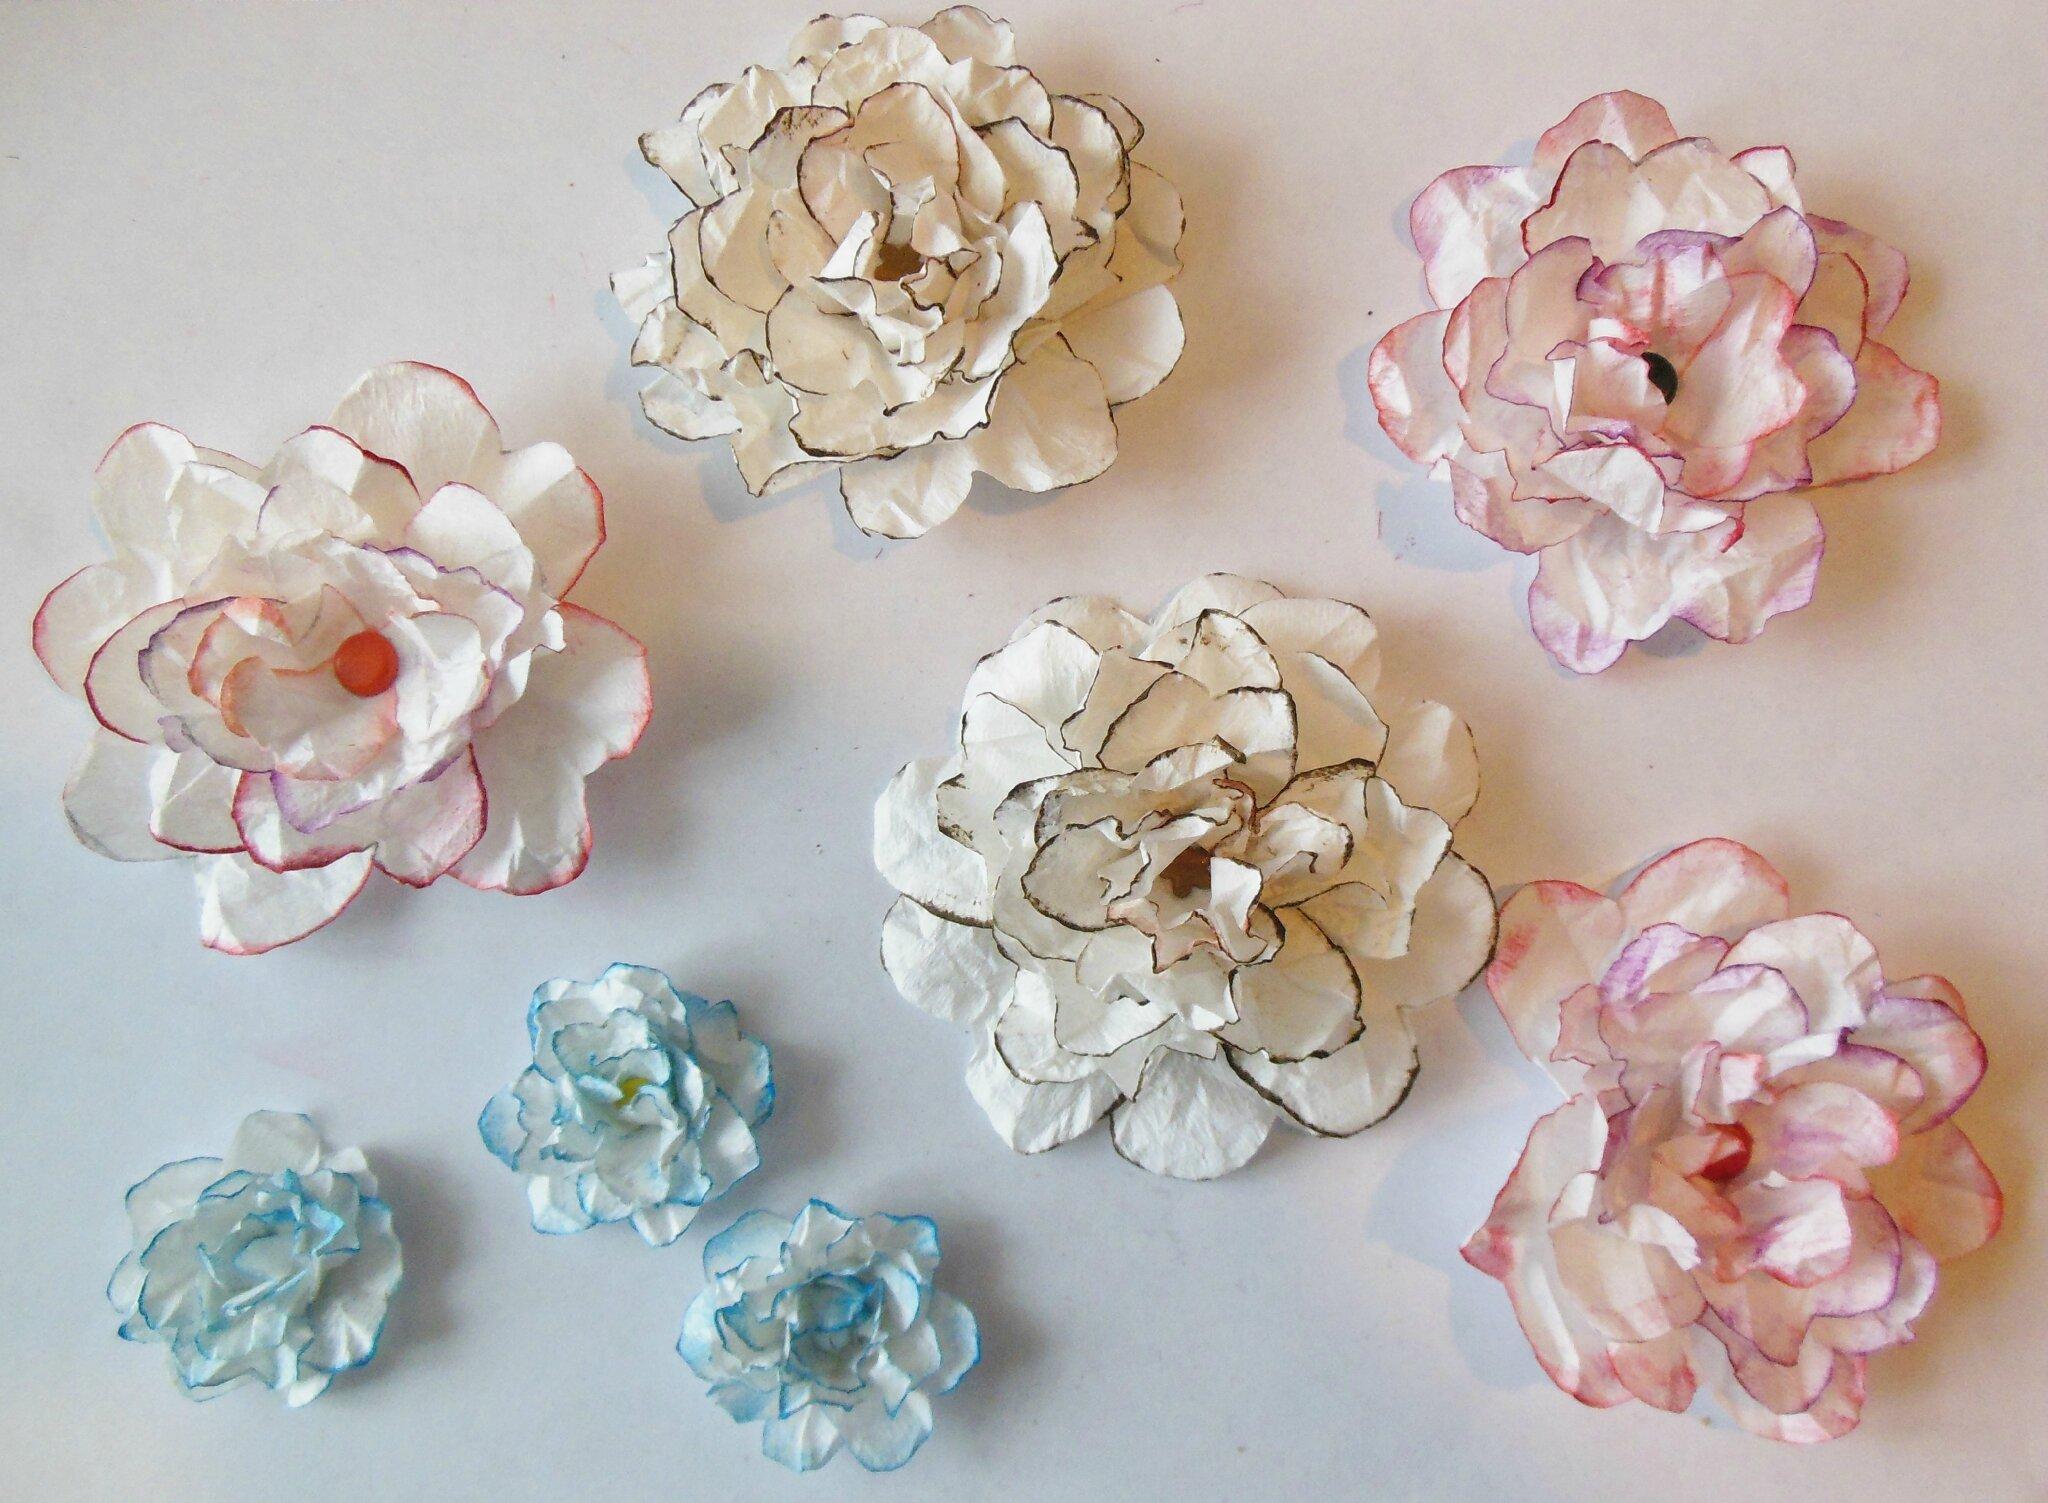 fabriquer des fleurs en tissu fabriquer des fleurs en. Black Bedroom Furniture Sets. Home Design Ideas